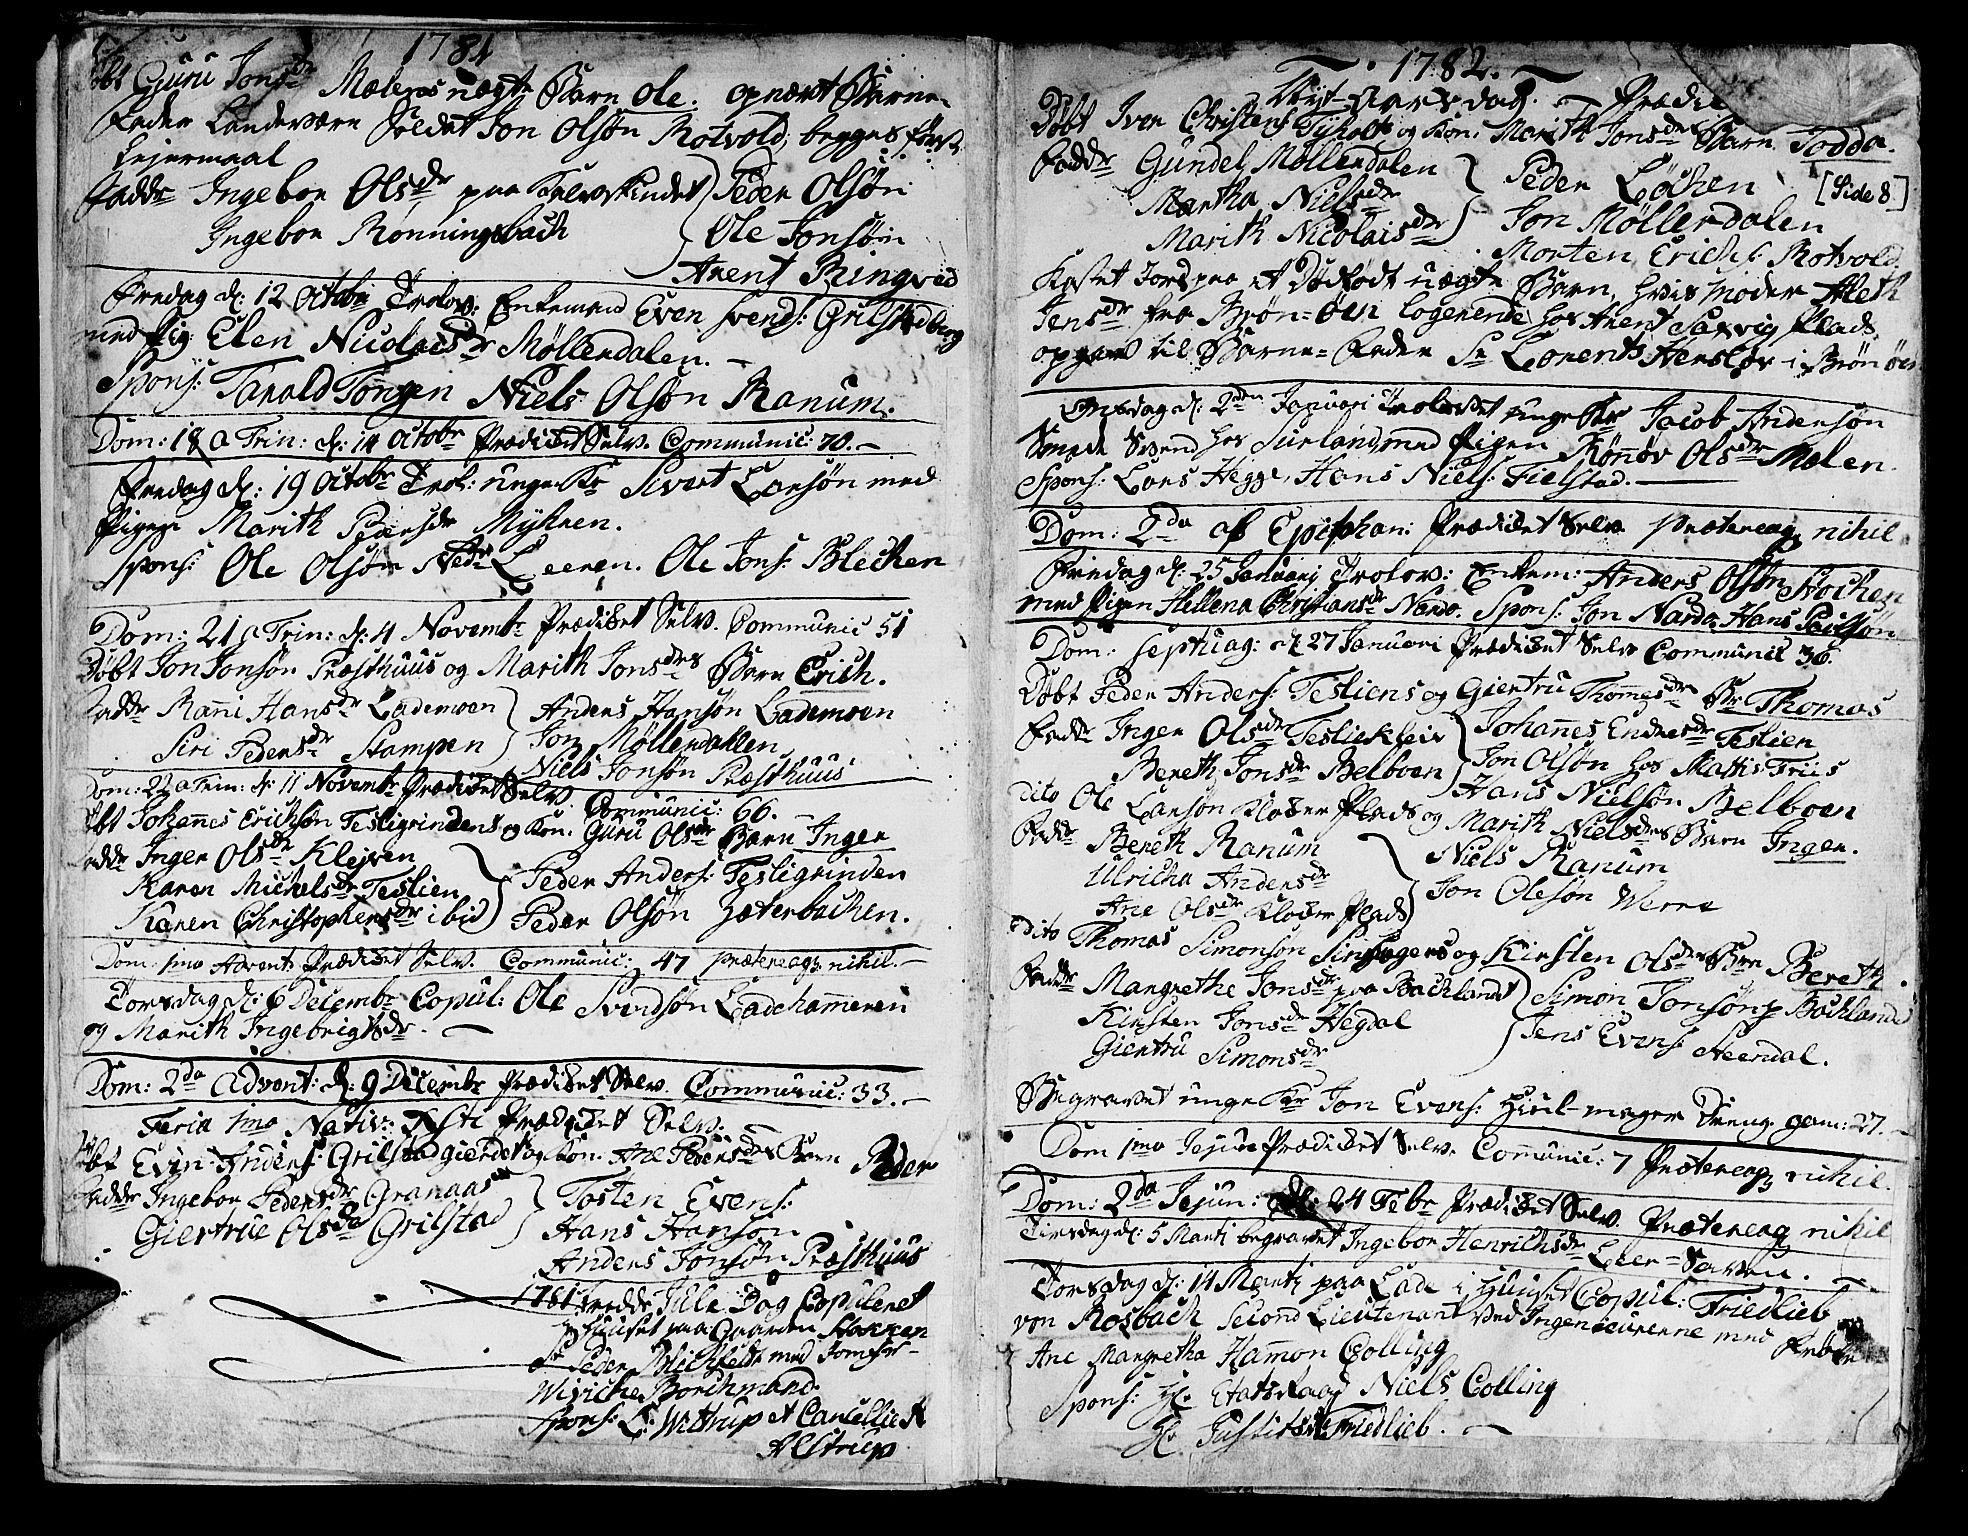 SAT, Ministerialprotokoller, klokkerbøker og fødselsregistre - Sør-Trøndelag, 606/L0280: Ministerialbok nr. 606A02 /1, 1781-1817, s. 7-8